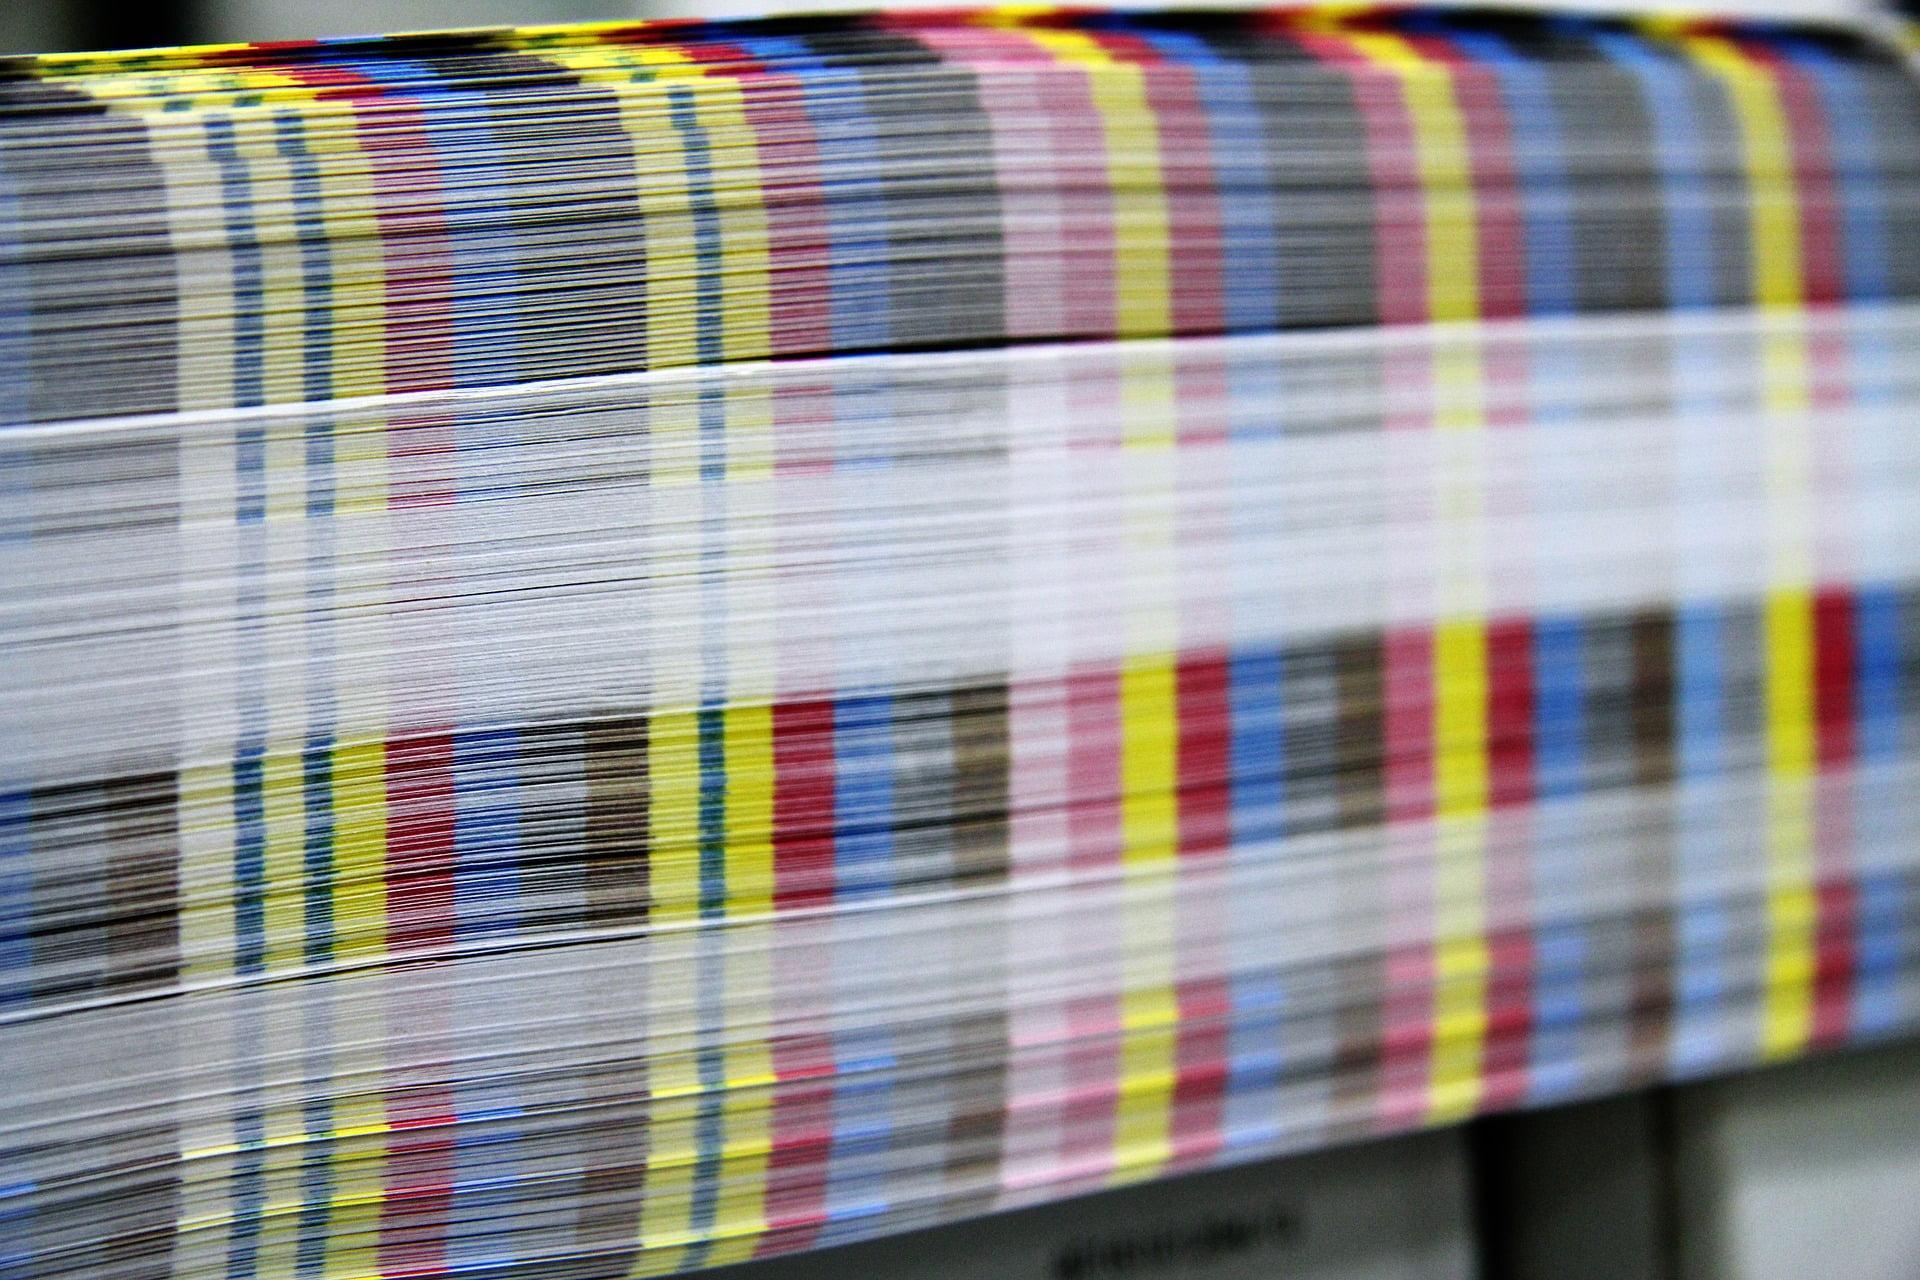 Spiraljenje koledarjev, tisk majic, novoletni program, koledarji, tisk na majice, tampotisk, sitotisk, potisk poslovnih daril, poslovna darila, D-design 108